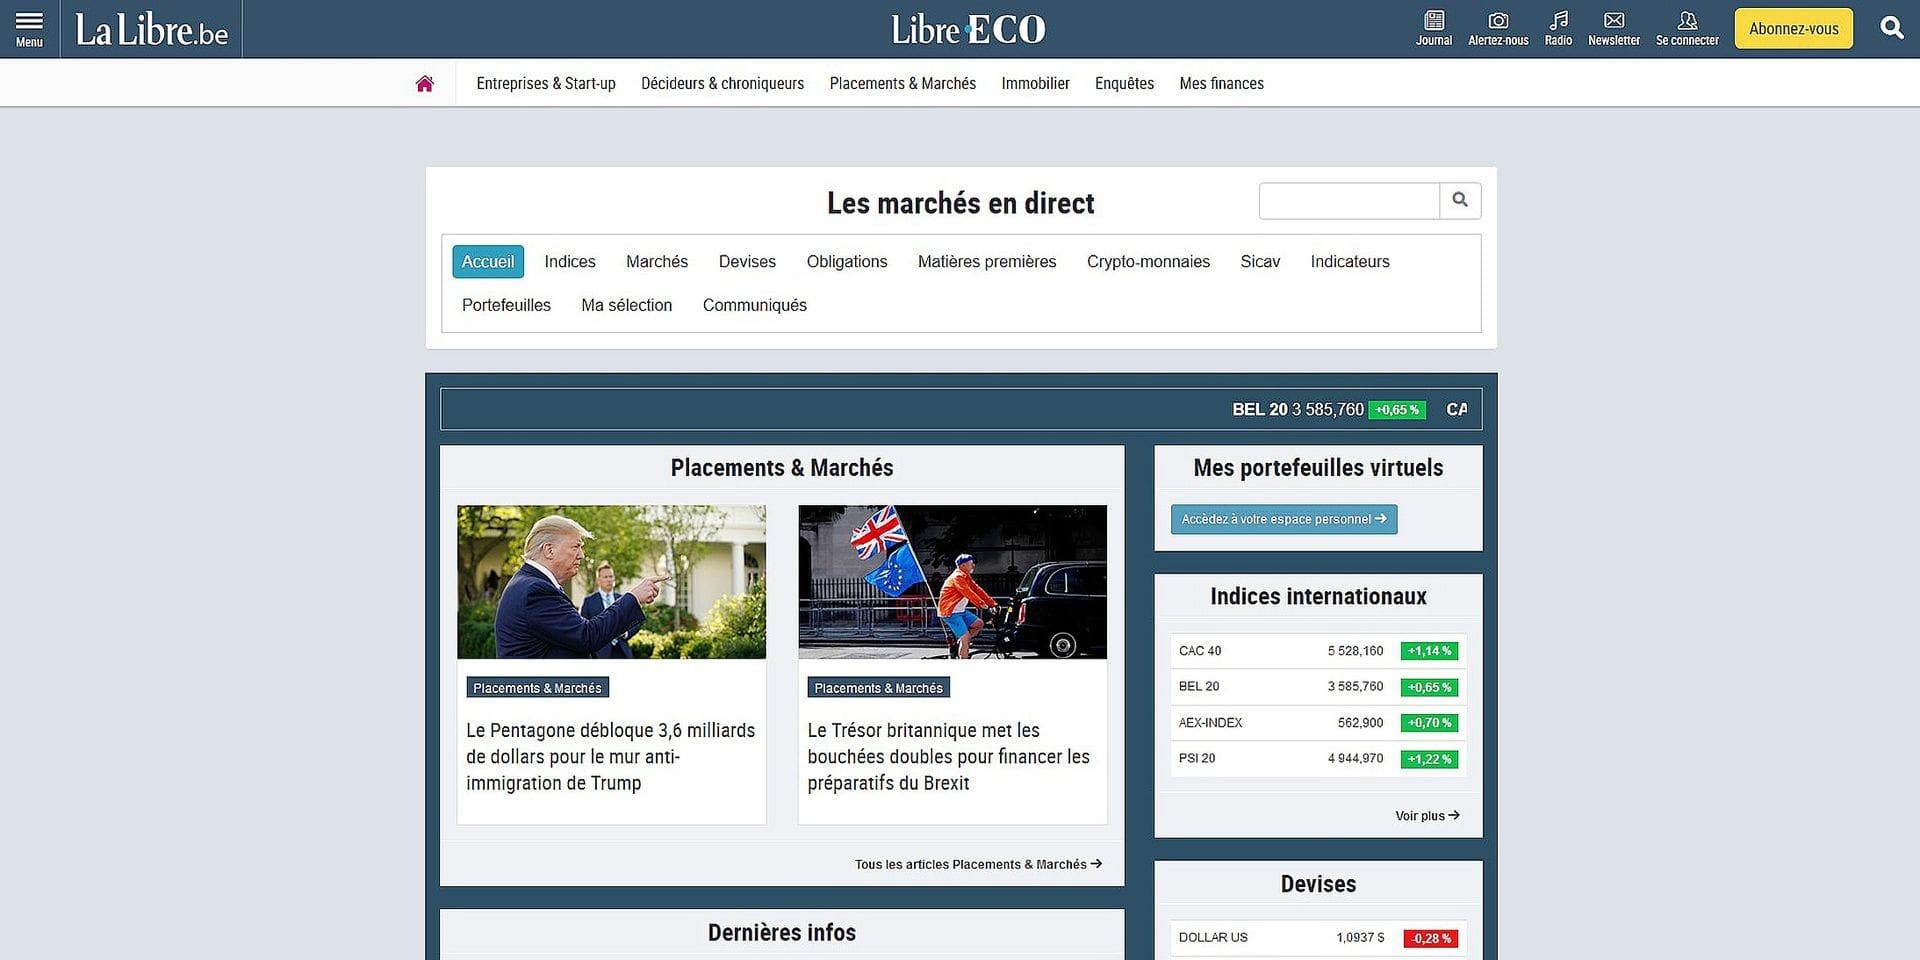 La Libre Eco : une aide à la décision financière et à la gestion de patrimoine